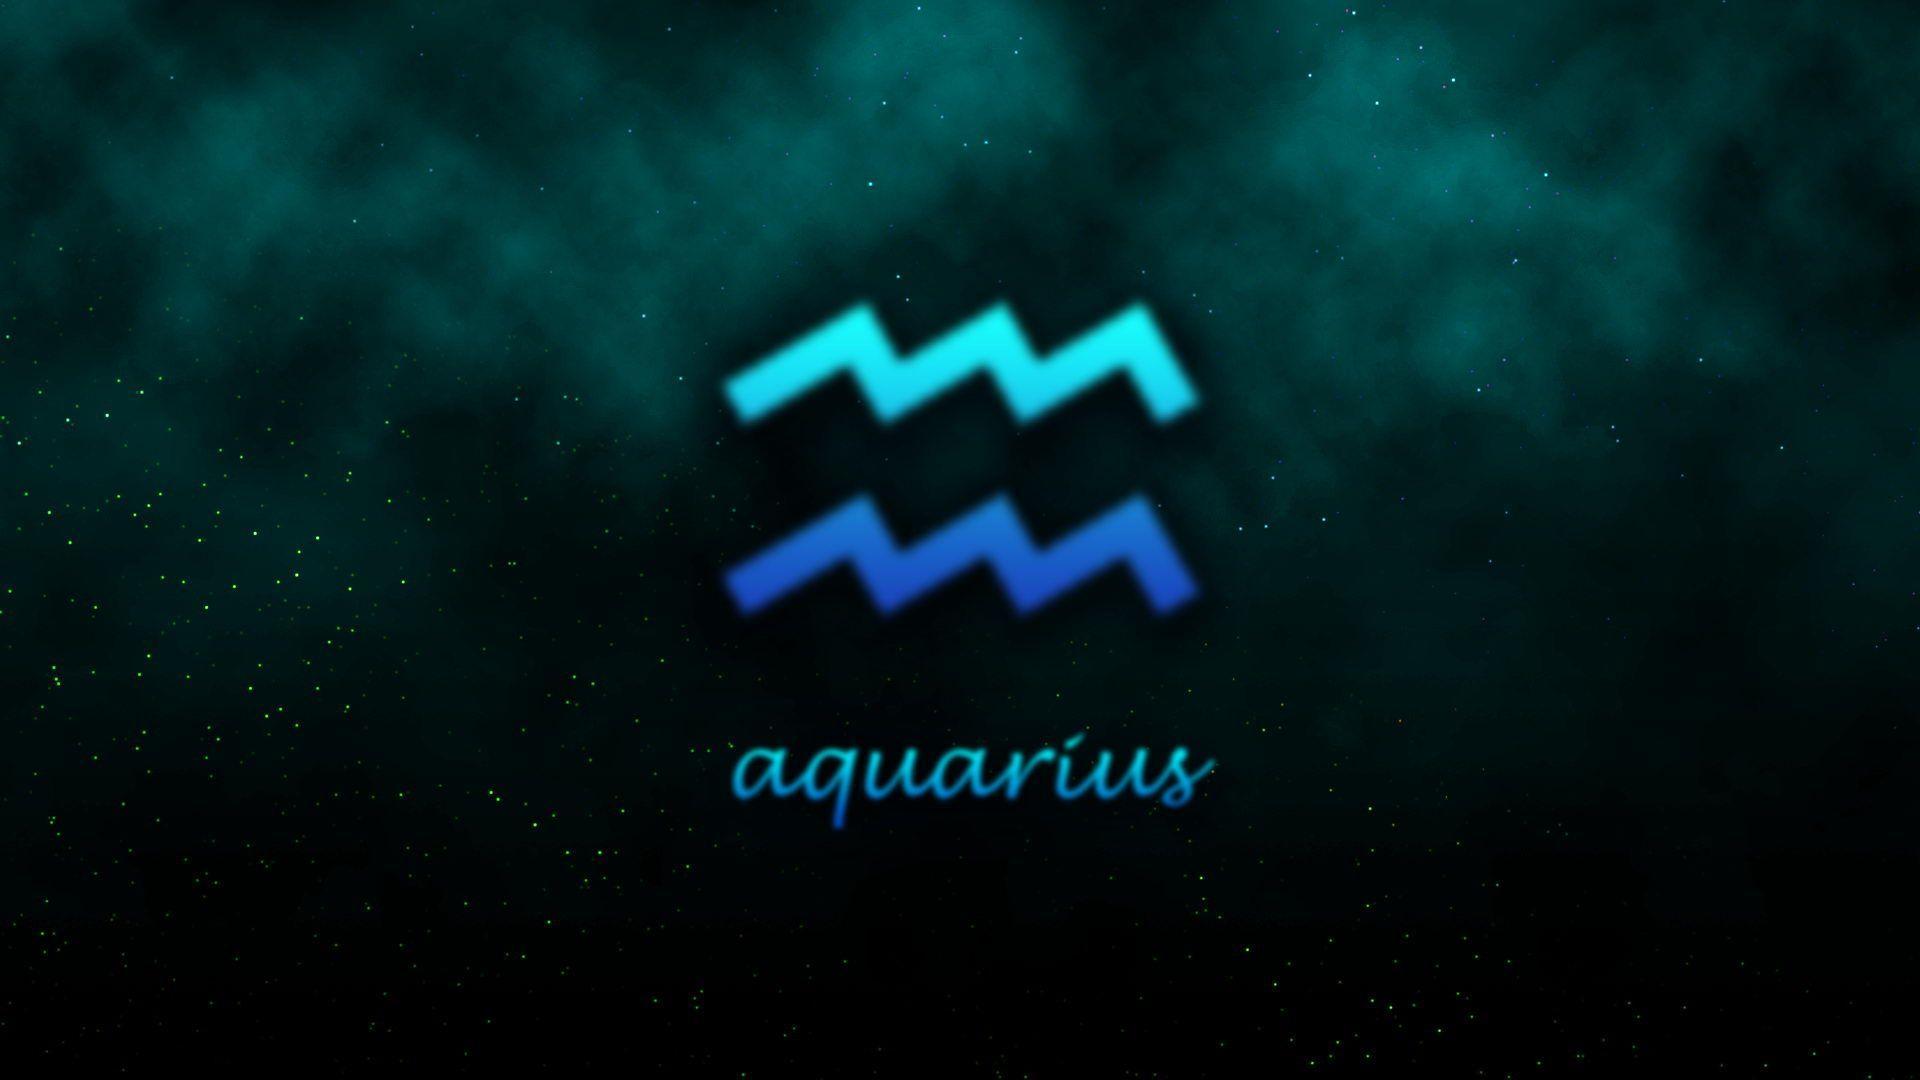 Aquarius Wallpaper – Your Captivating Picture design